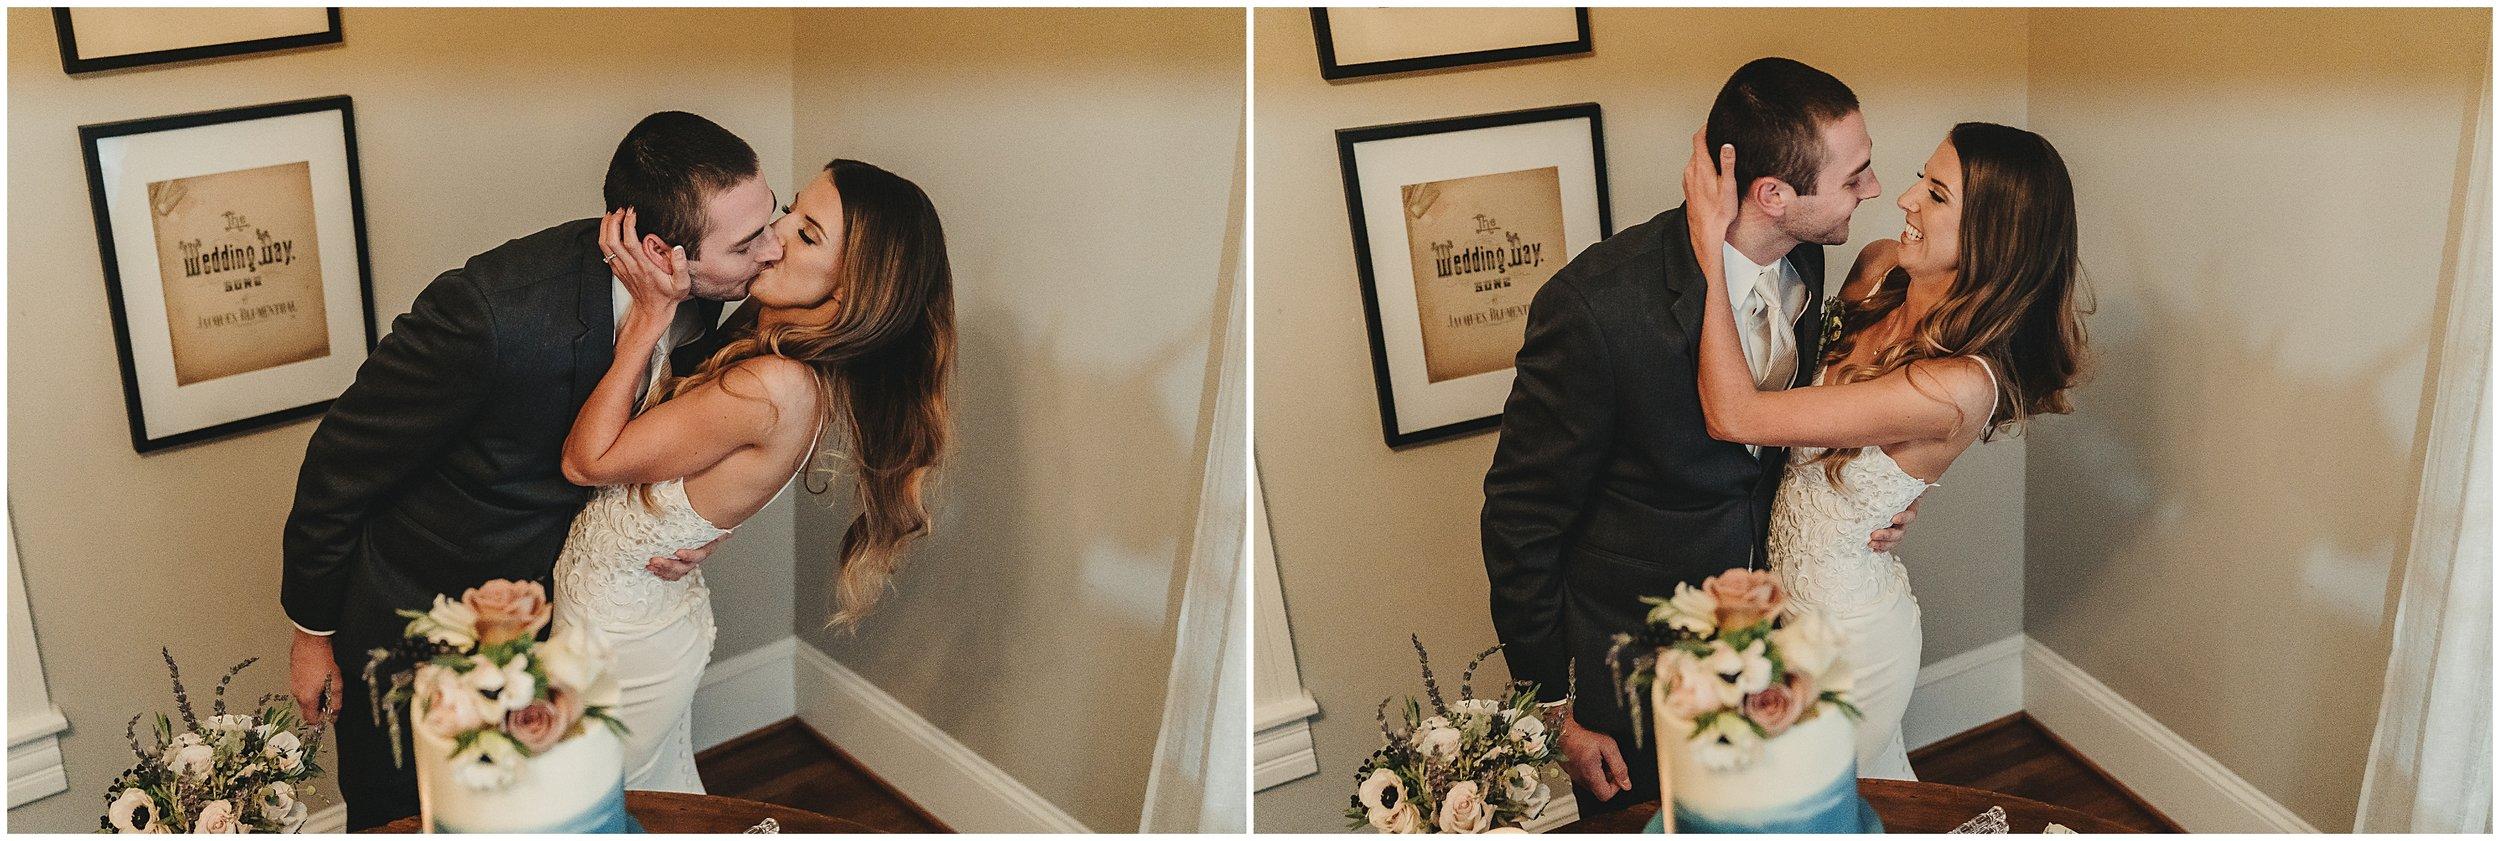 Ritchie Hill wedding_1301.jpg